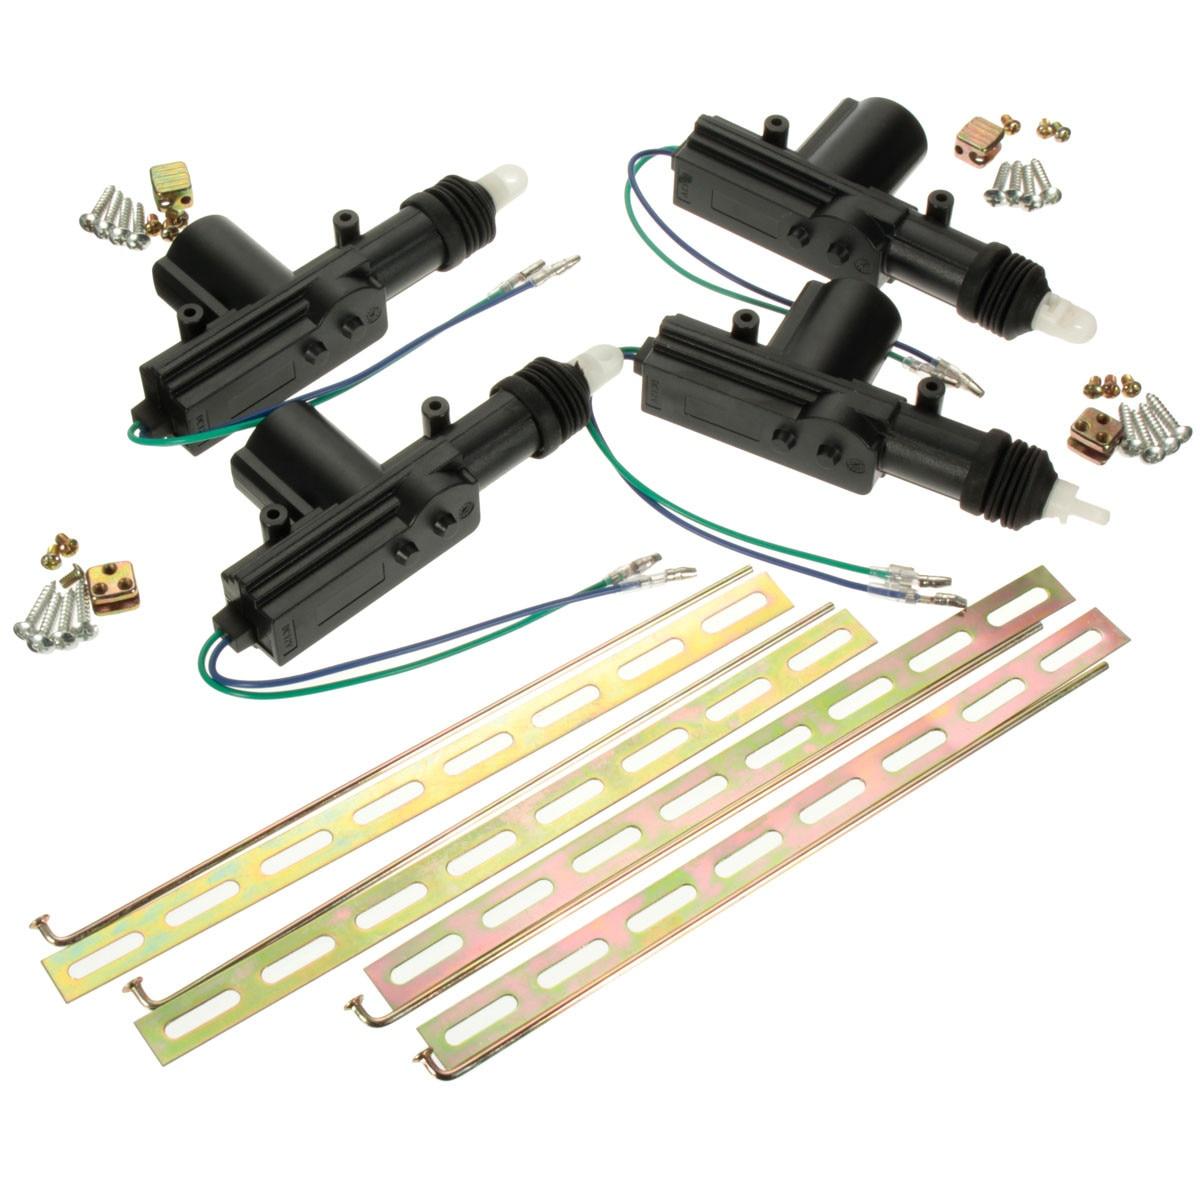 4 pces 12 v universal kit de energia do motor fechadura central da porta do carro com 2 fios do atuador do veículo automático remoto sistema de bloqueio central do motor